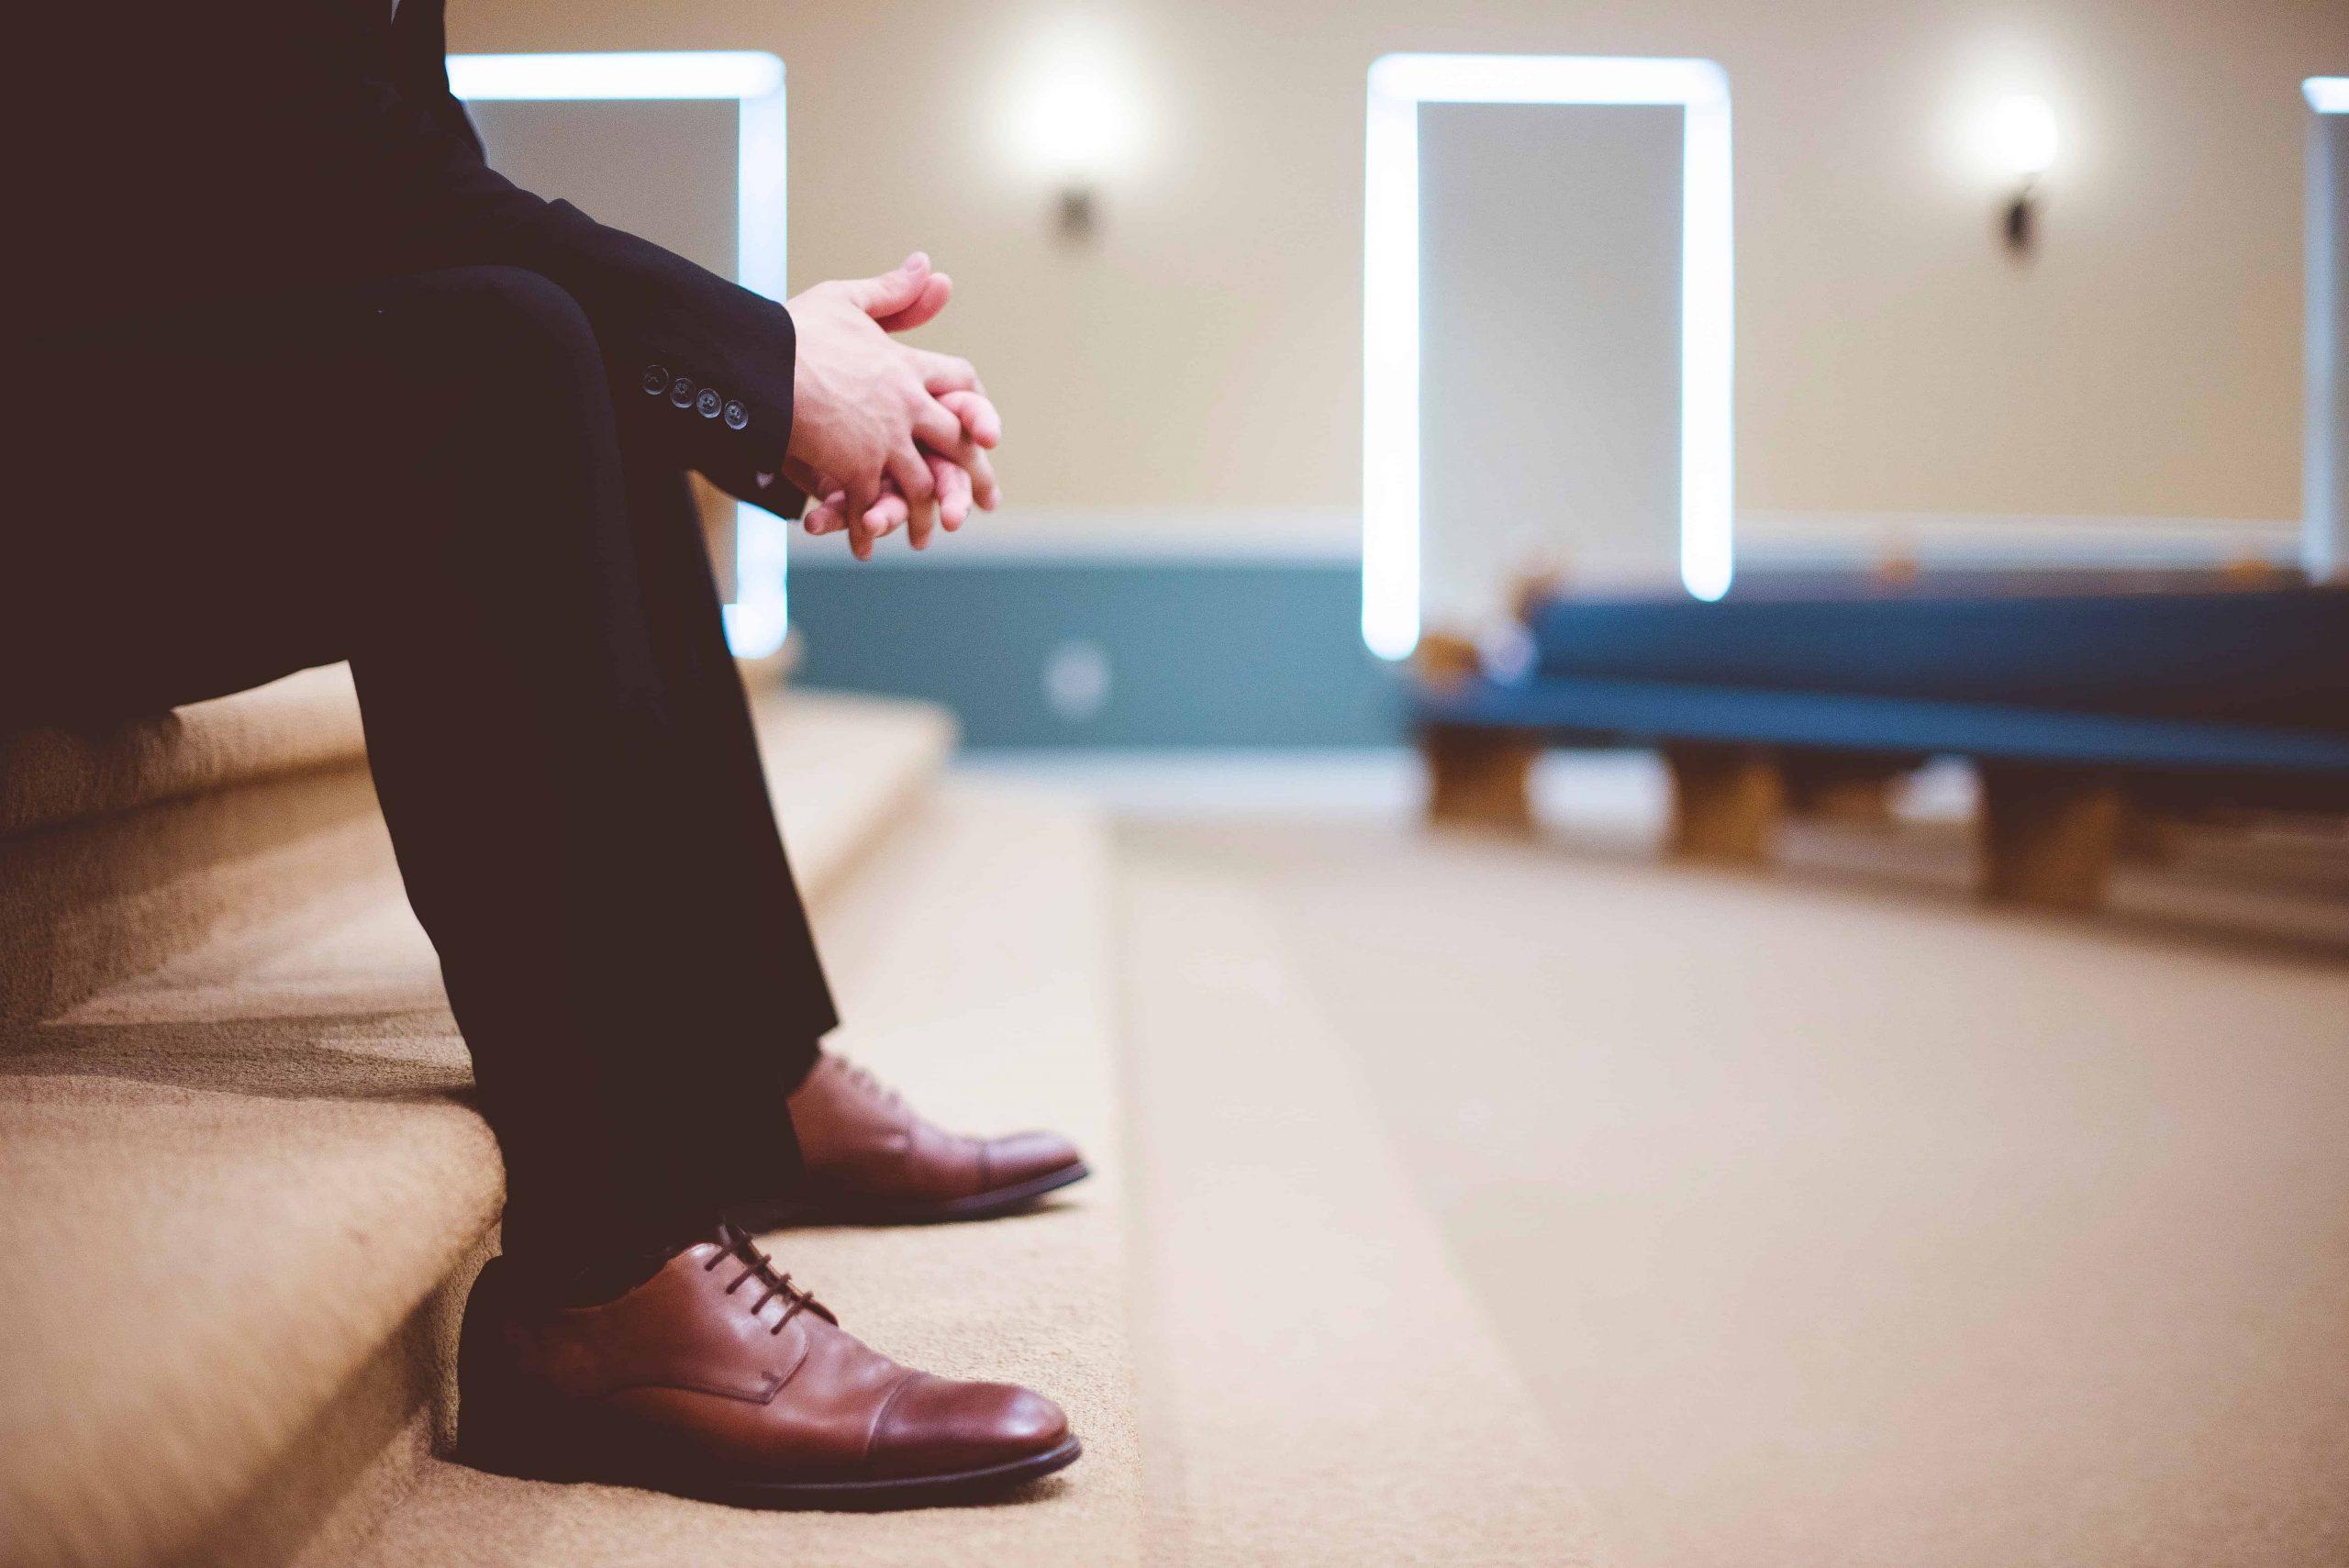 Heilpraktiker für Psychotherapie helfen, die Wartezeit auf einen Therapieplatz zu verkürzen